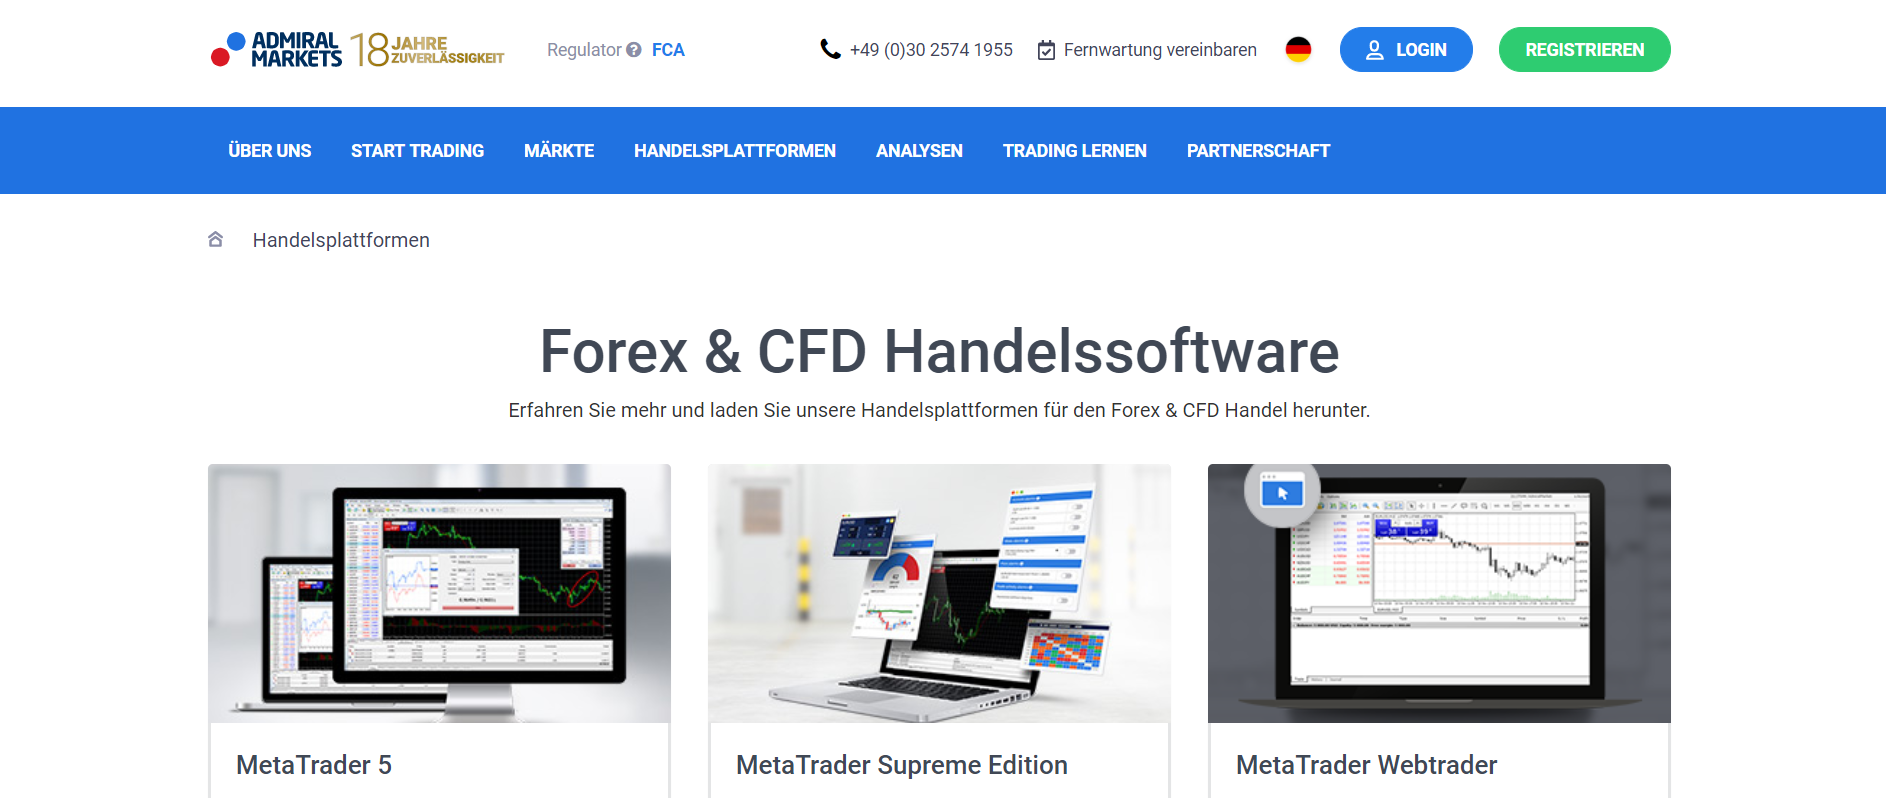 Ein Blick auf die Website von Admiral Markets